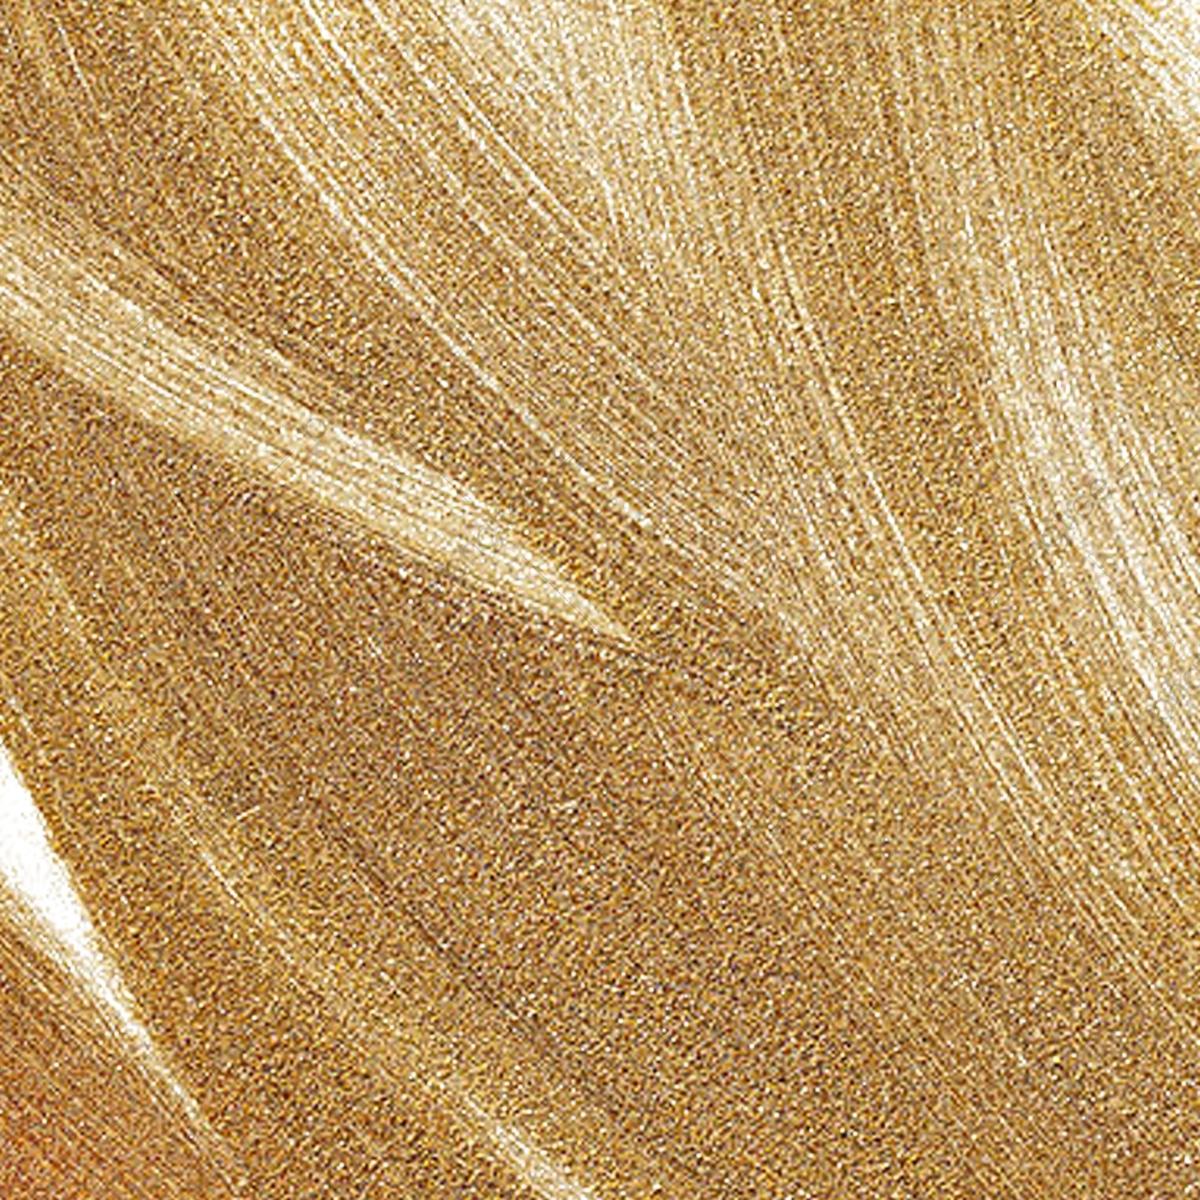 باللون الذهبي خلفيات لون ذهبي للتصميم